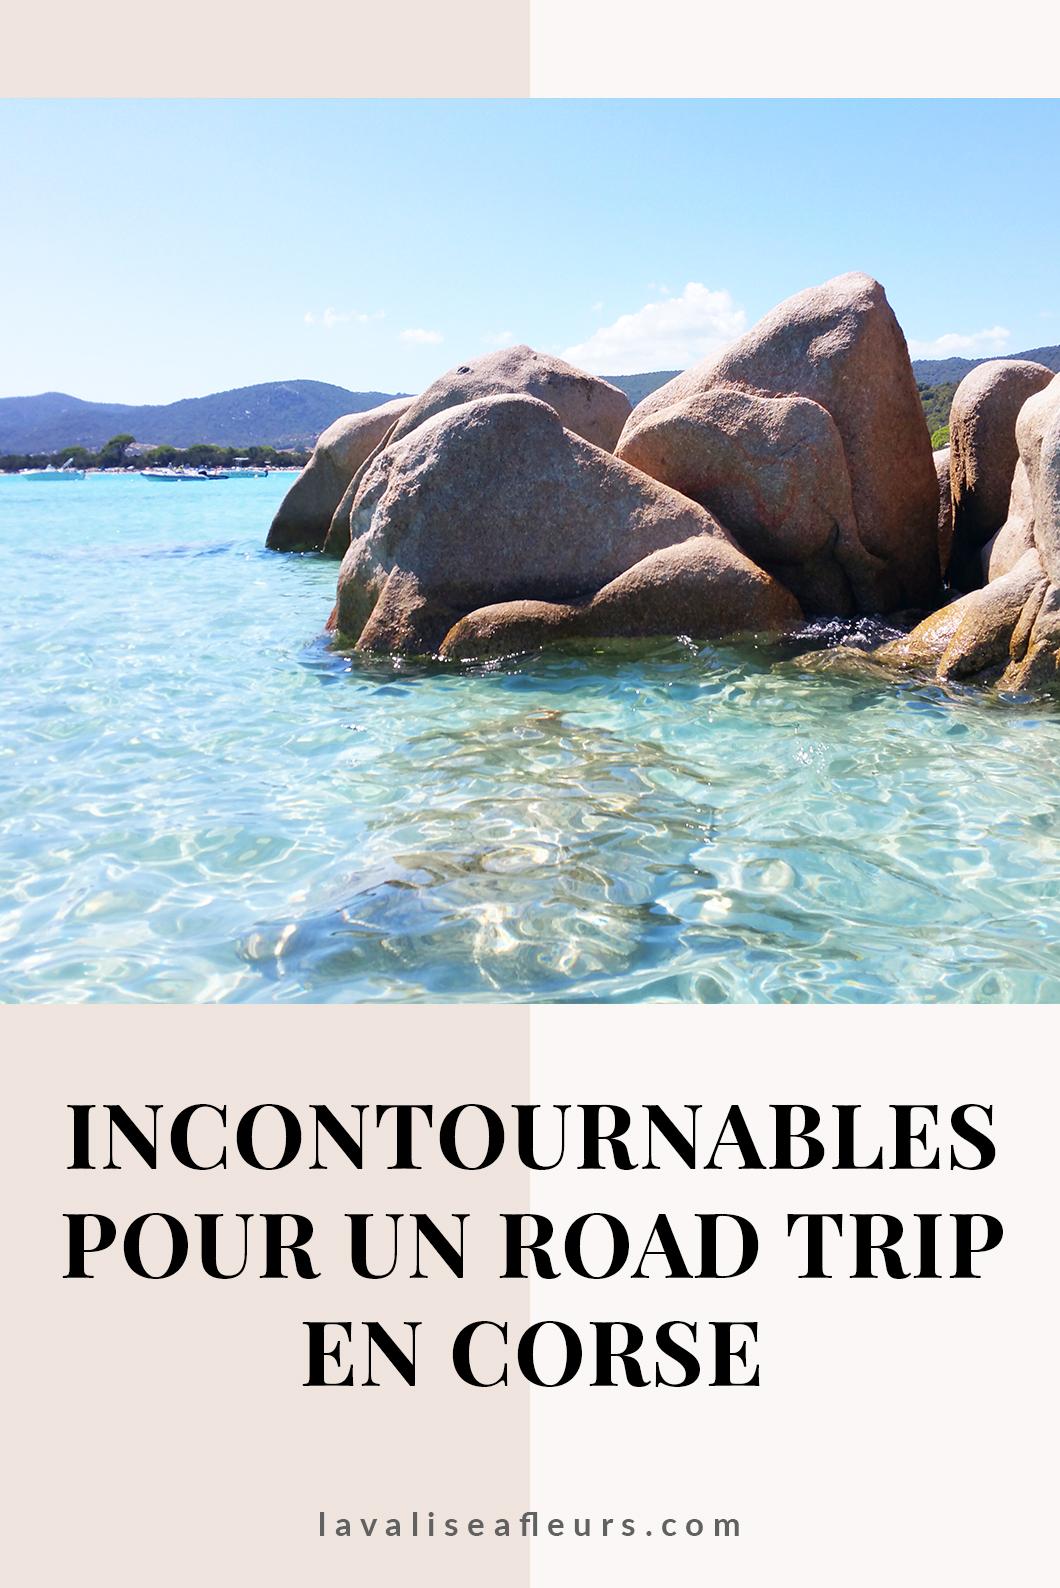 Incontournables pour un road trip en Corse